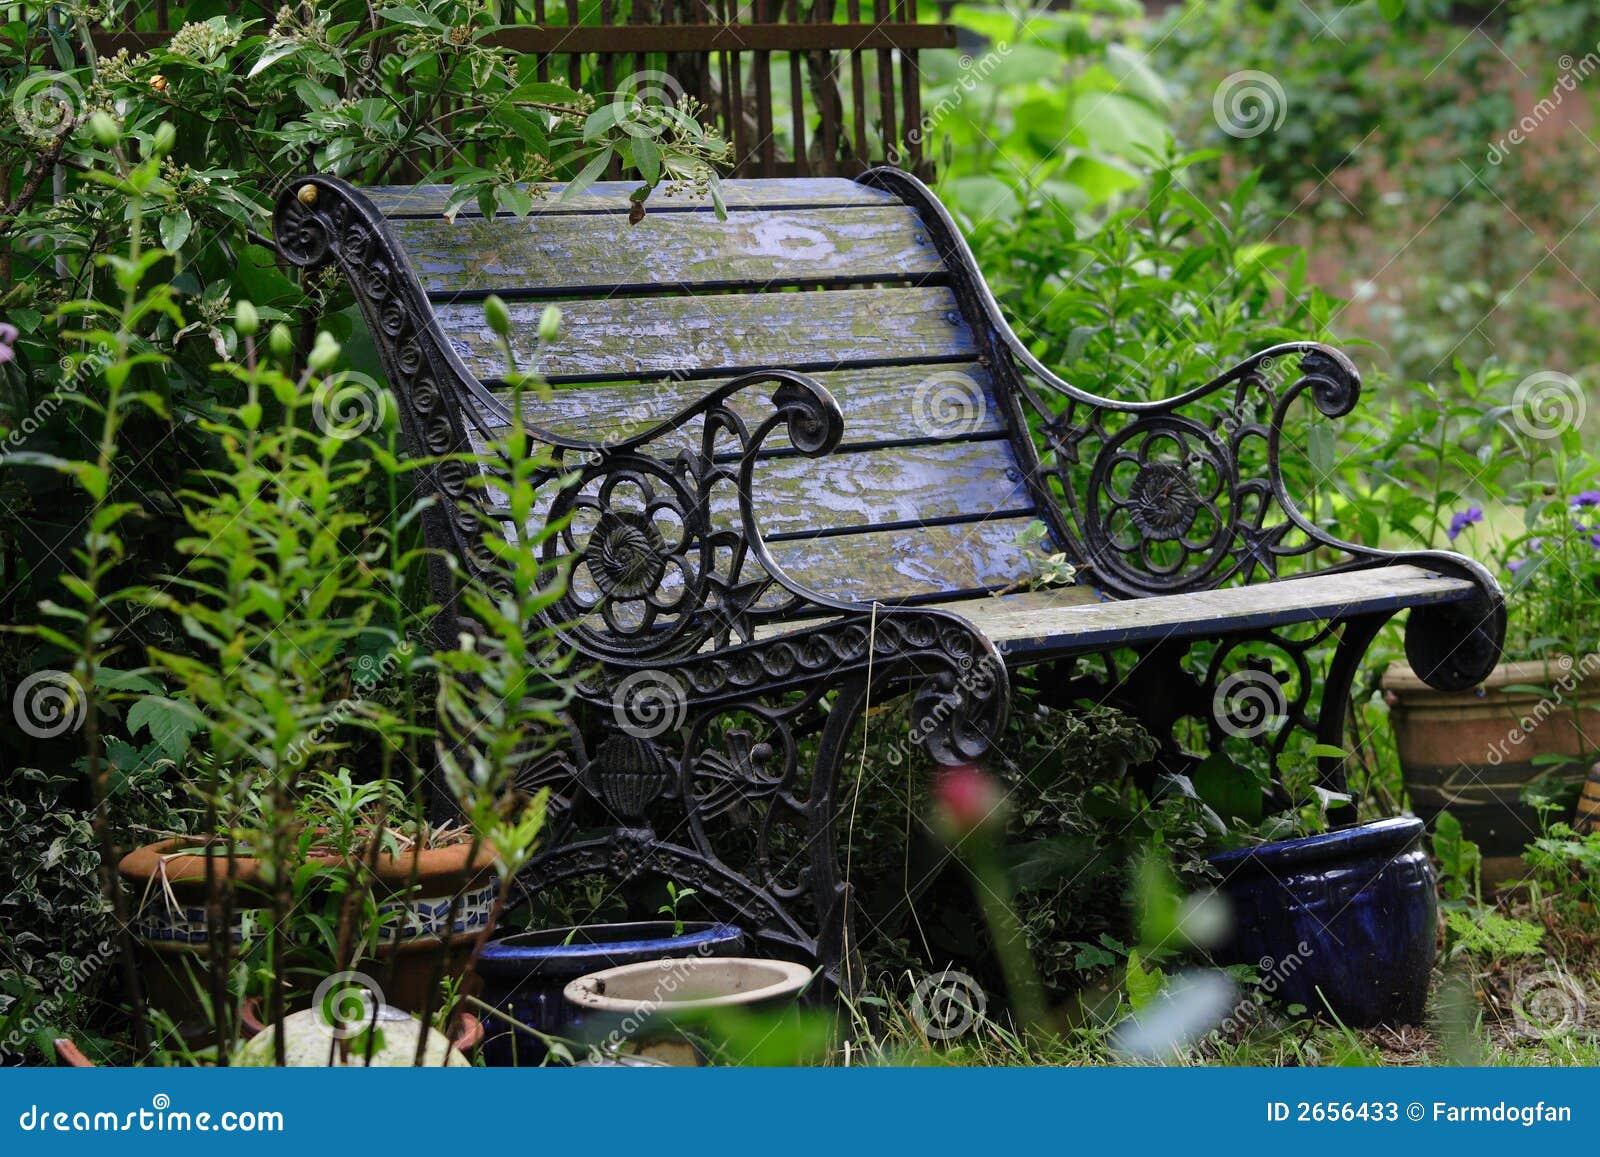 banco de jardim vetor:Old Flower Garden Bench